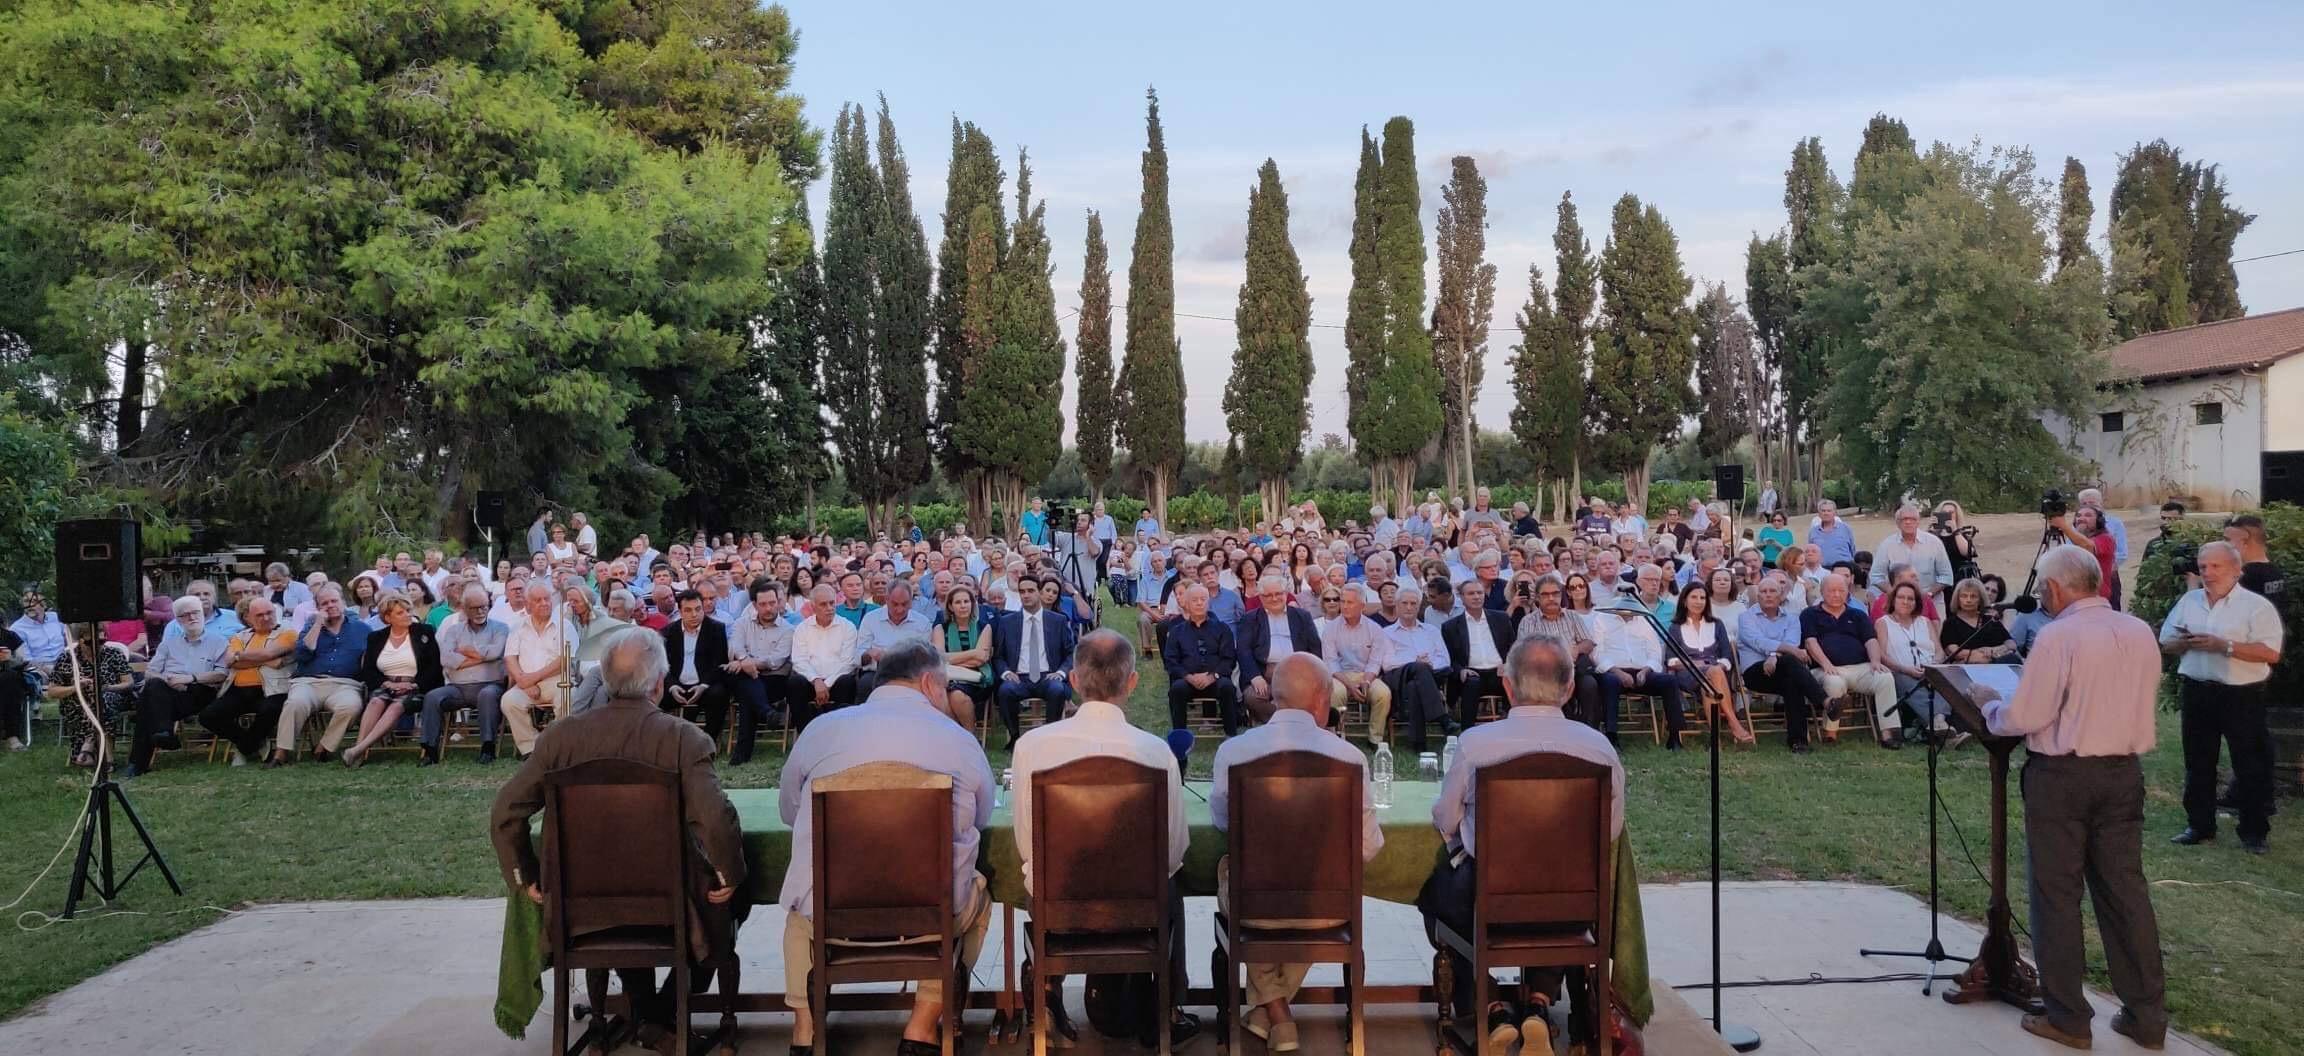 Ομιλία Κώστα Σημίτη στην παρουσίαση του βιβλίου του Γιάννη Βούλγαρη